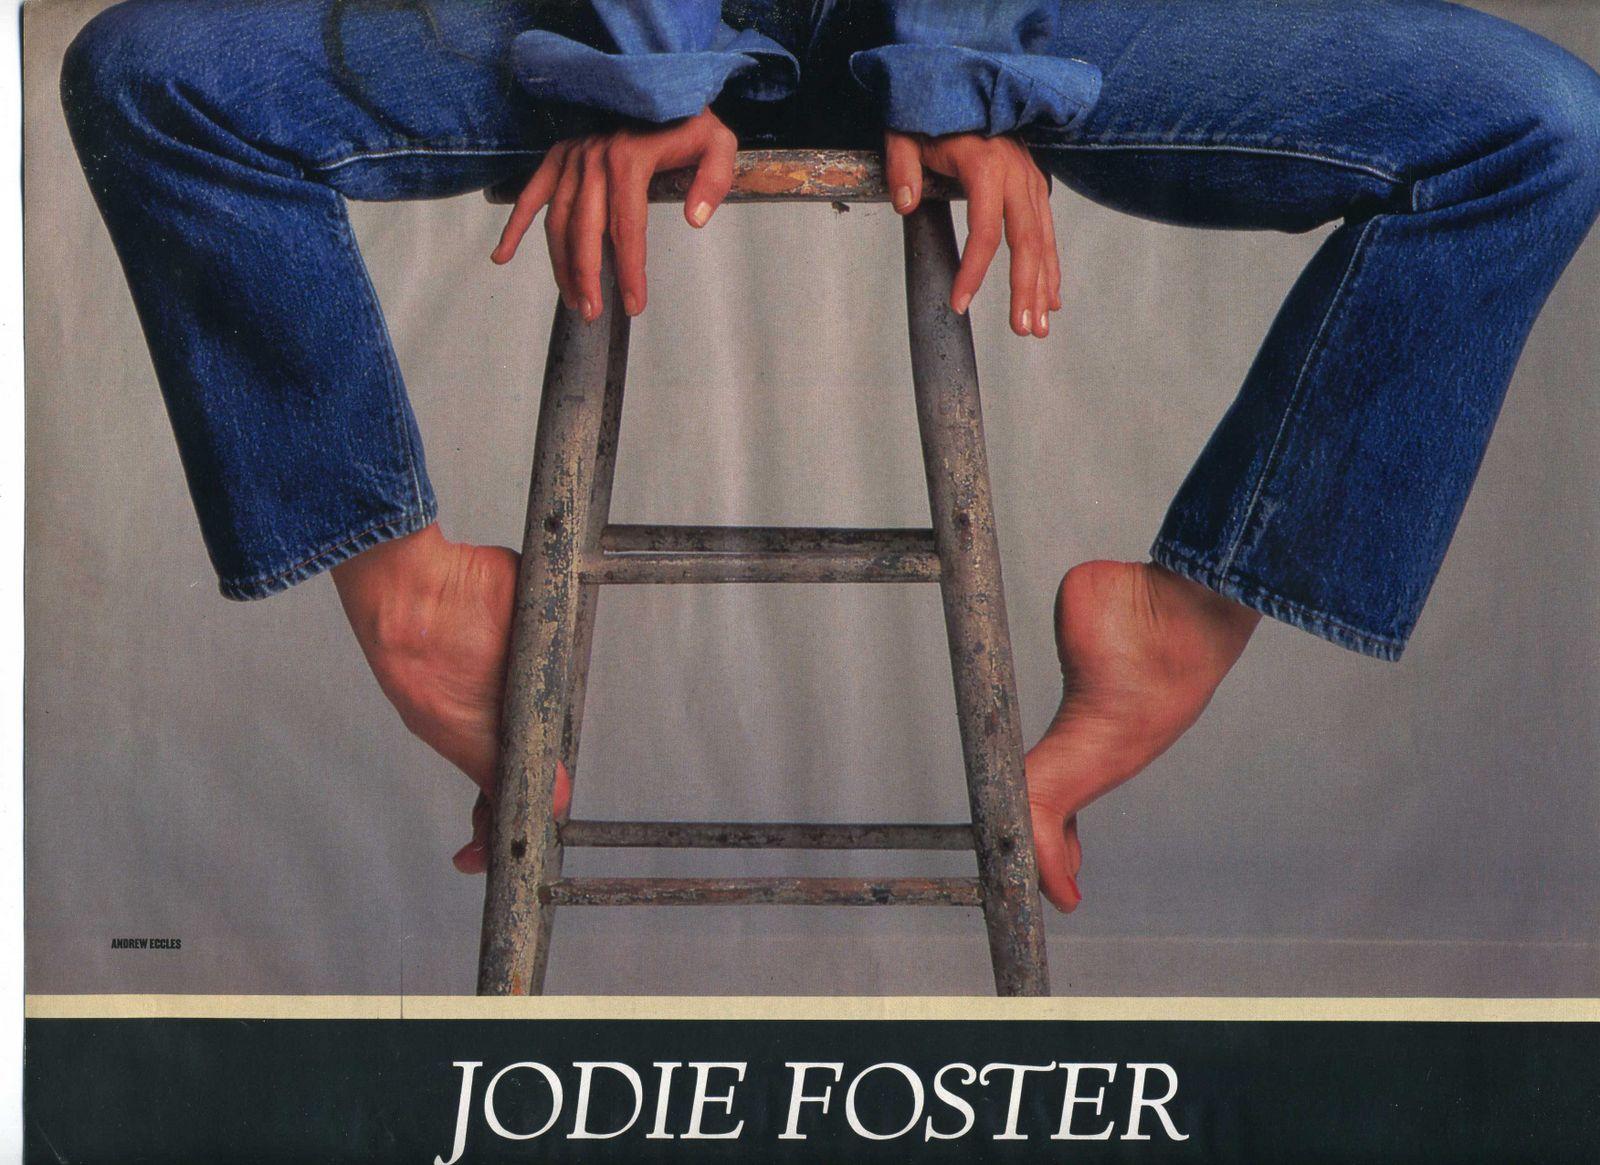 http://1.bp.blogspot.com/_Hk6oFYF-OZM/TT9Go0MJexI/AAAAAAAAAvw/lHVF2tSU5BM/s1600/14934_Jodie_Foster068_122_1117lo.jpg